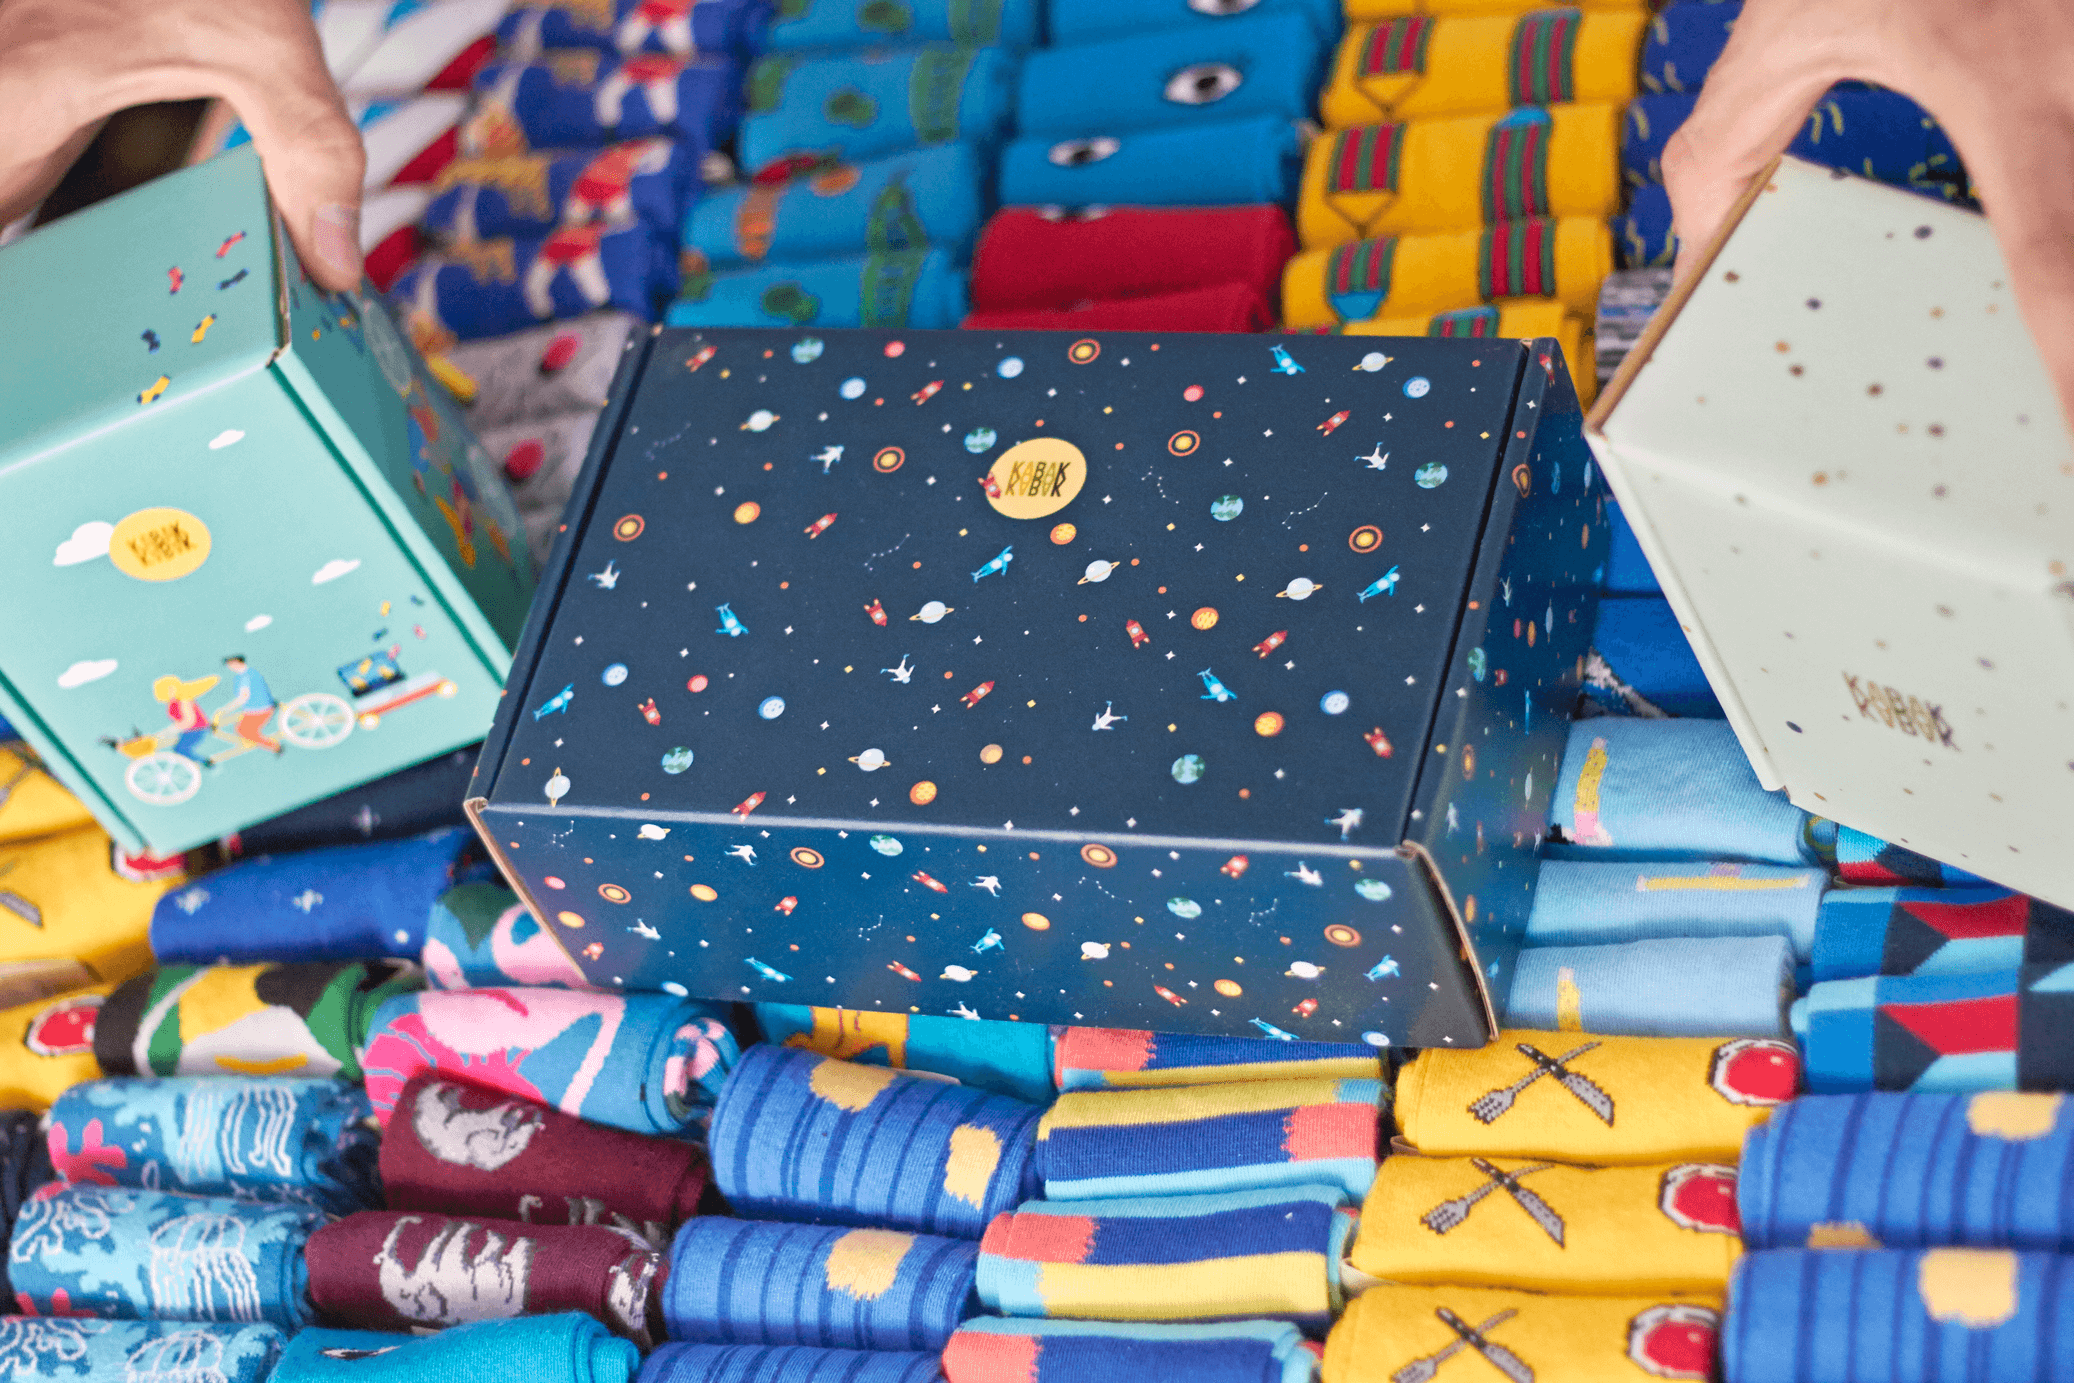 calcetines y cajas de colores de la marca Kabak